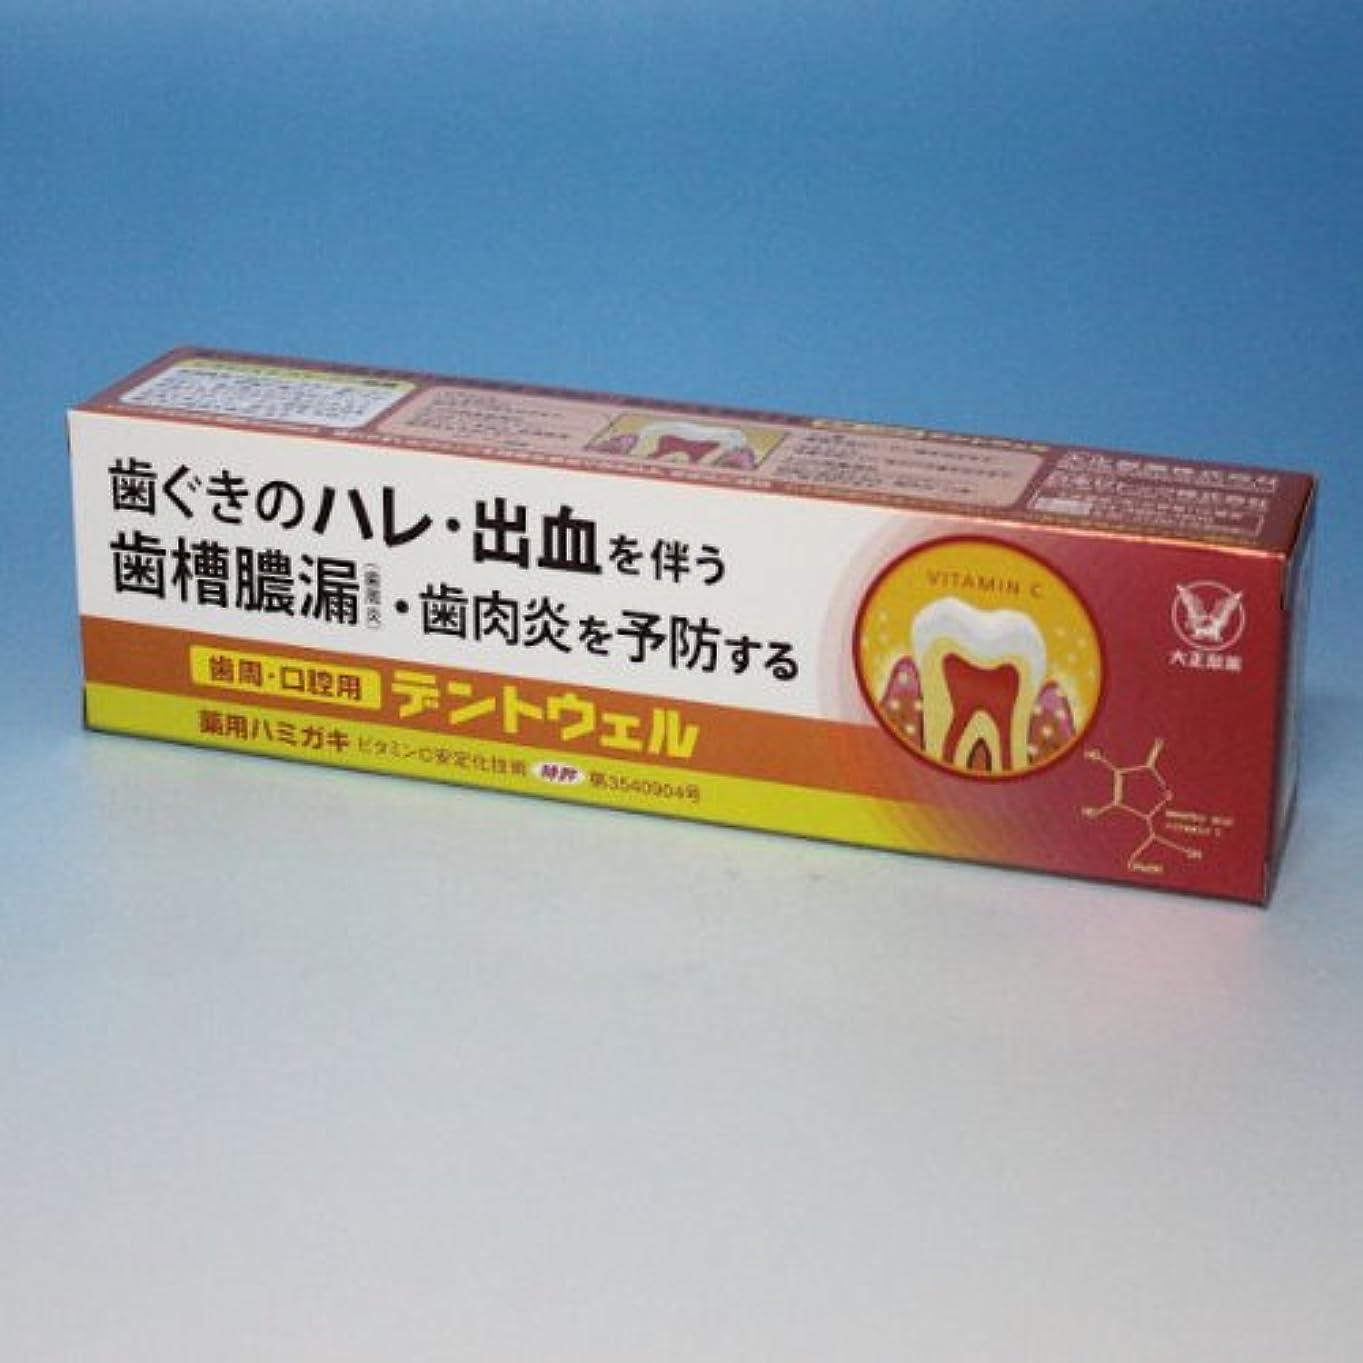 タンク実際うっかり大正製薬 歯周?口腔用デントウェル 100g